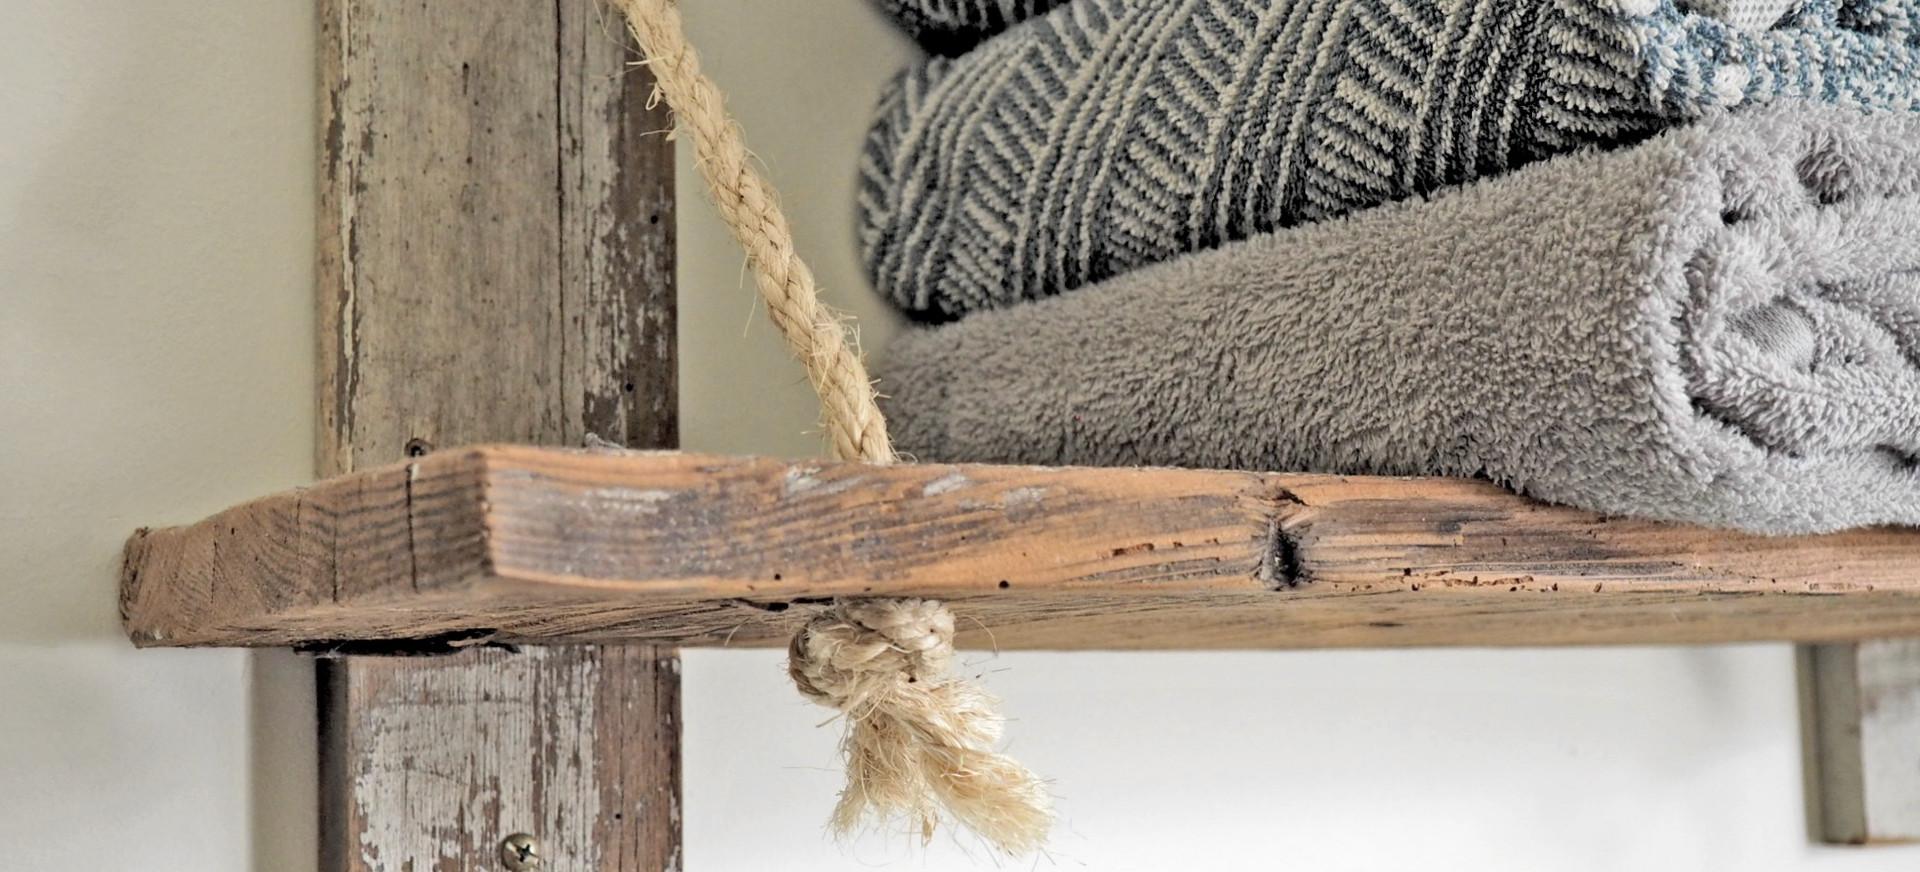 barnwood shelf